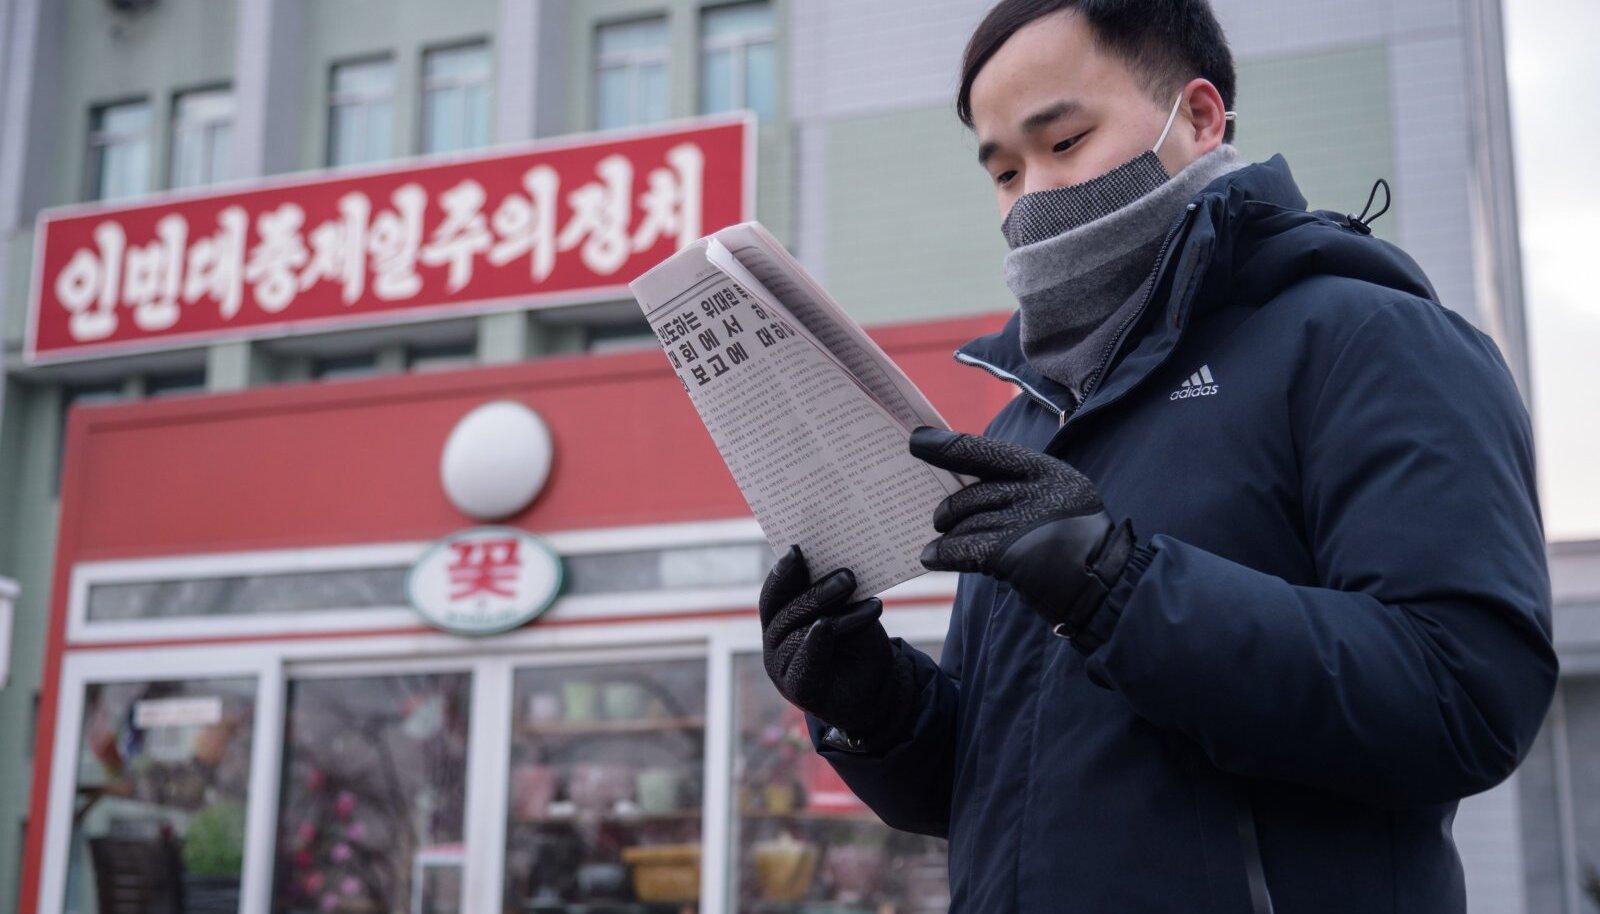 Illustratiivsel eesmärgil: mees Põhja-Korea pealinna Pyongyang'i tänaval ajalehest Kim Jong-uni tähtsaid sõnu lugemas (foto: AFP / Scanpix)